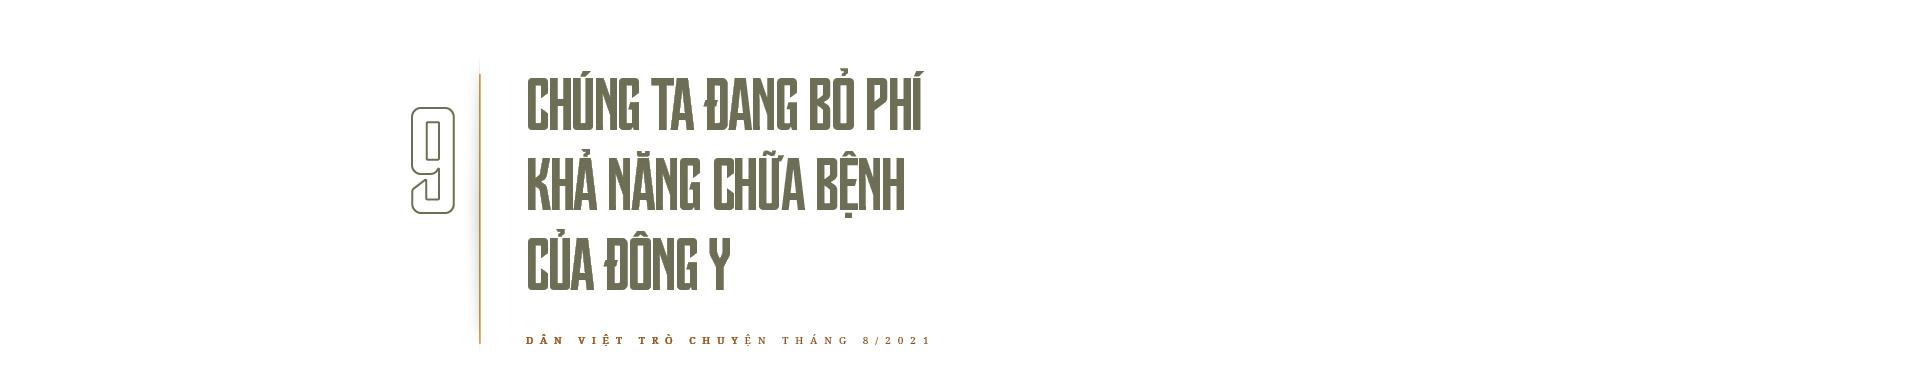 Nhà cách mạng Trần Tử Bình qua lời kể của võ sư Trần Việt Trung: Một cuộc đời như huyền thoại - Ảnh 20.